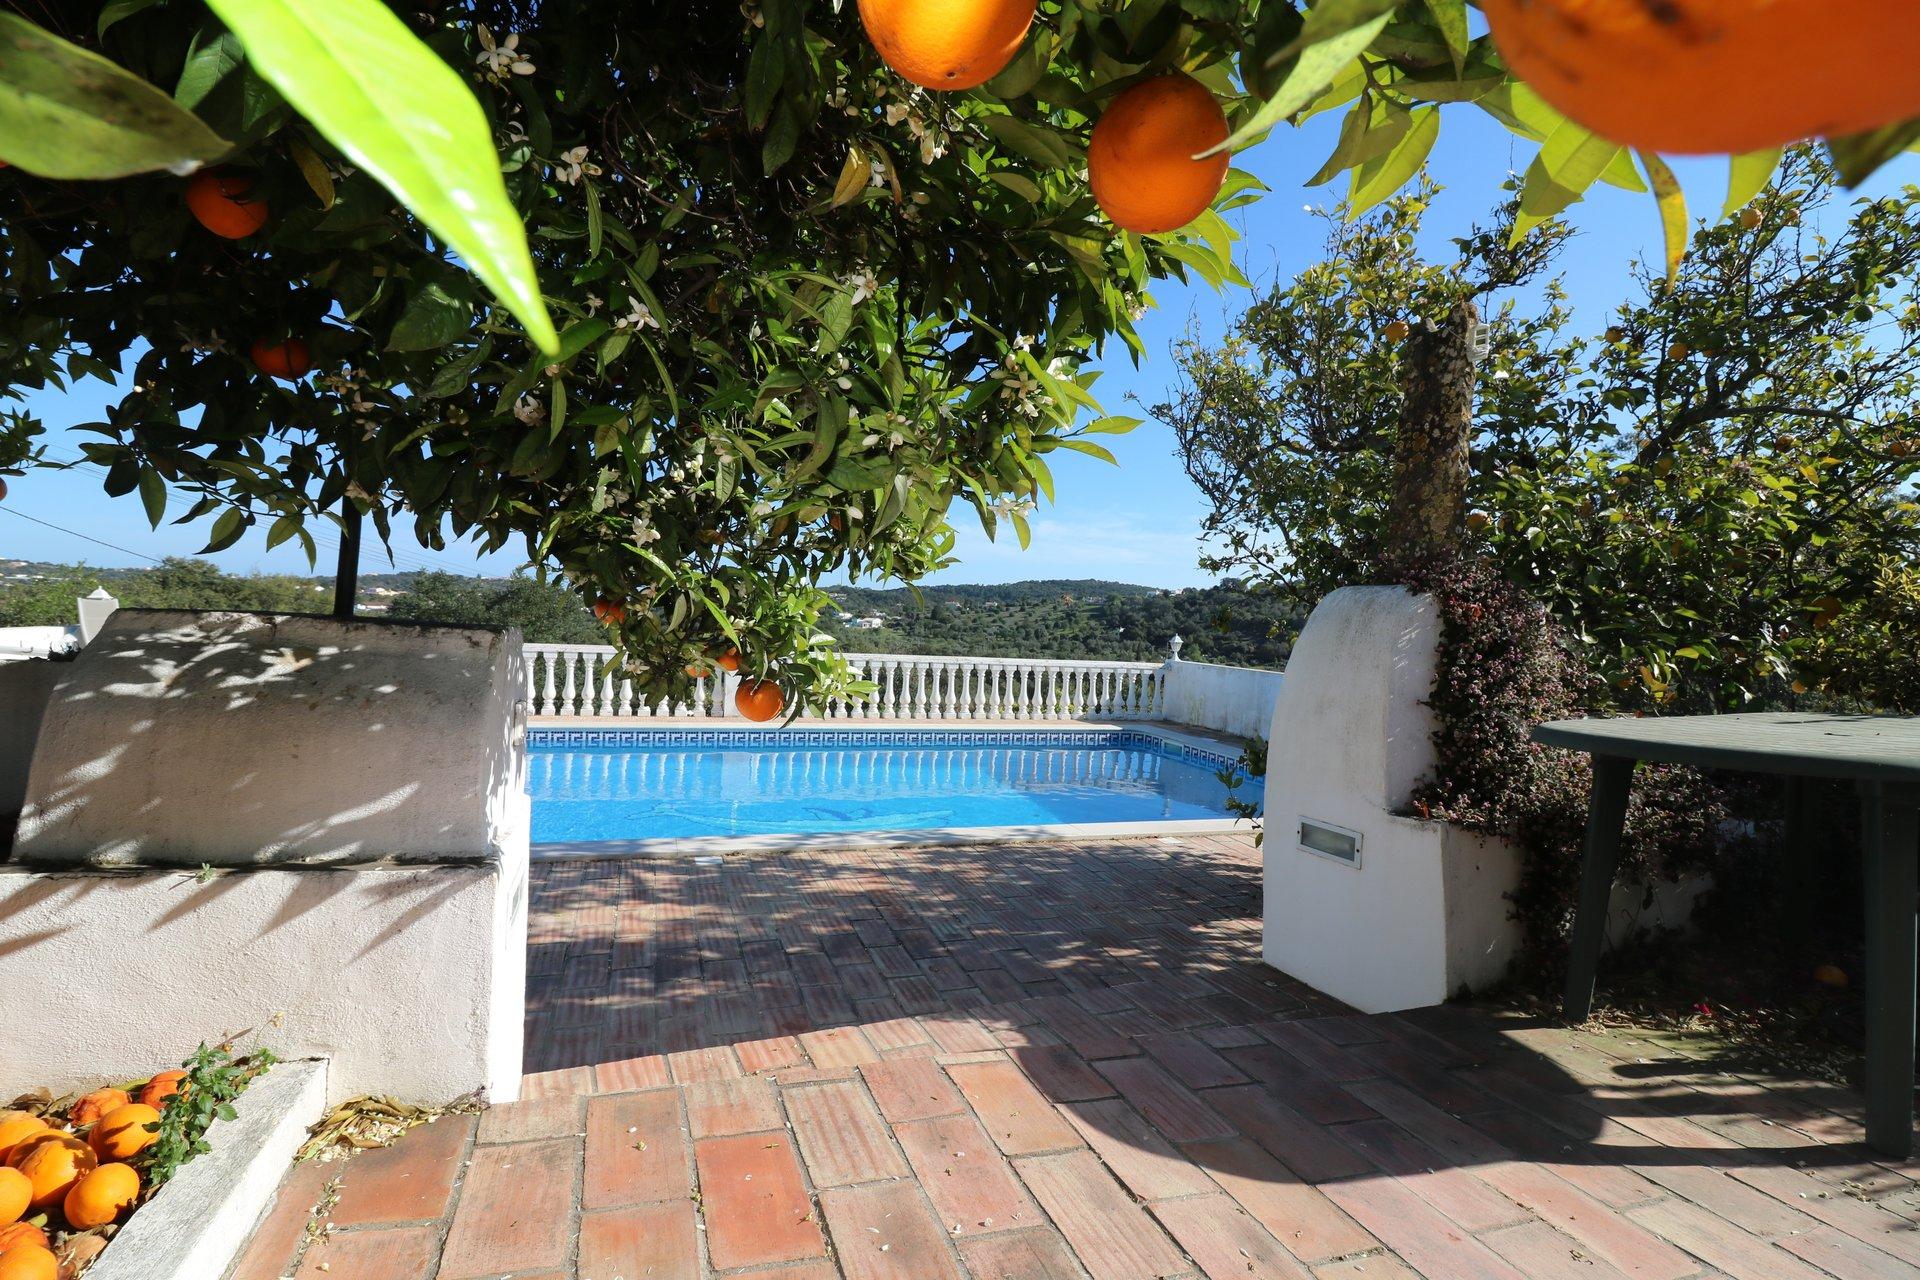 4 Bedroom Villa Sao Bras de Alportel, Central Algarve Ref: JV10348